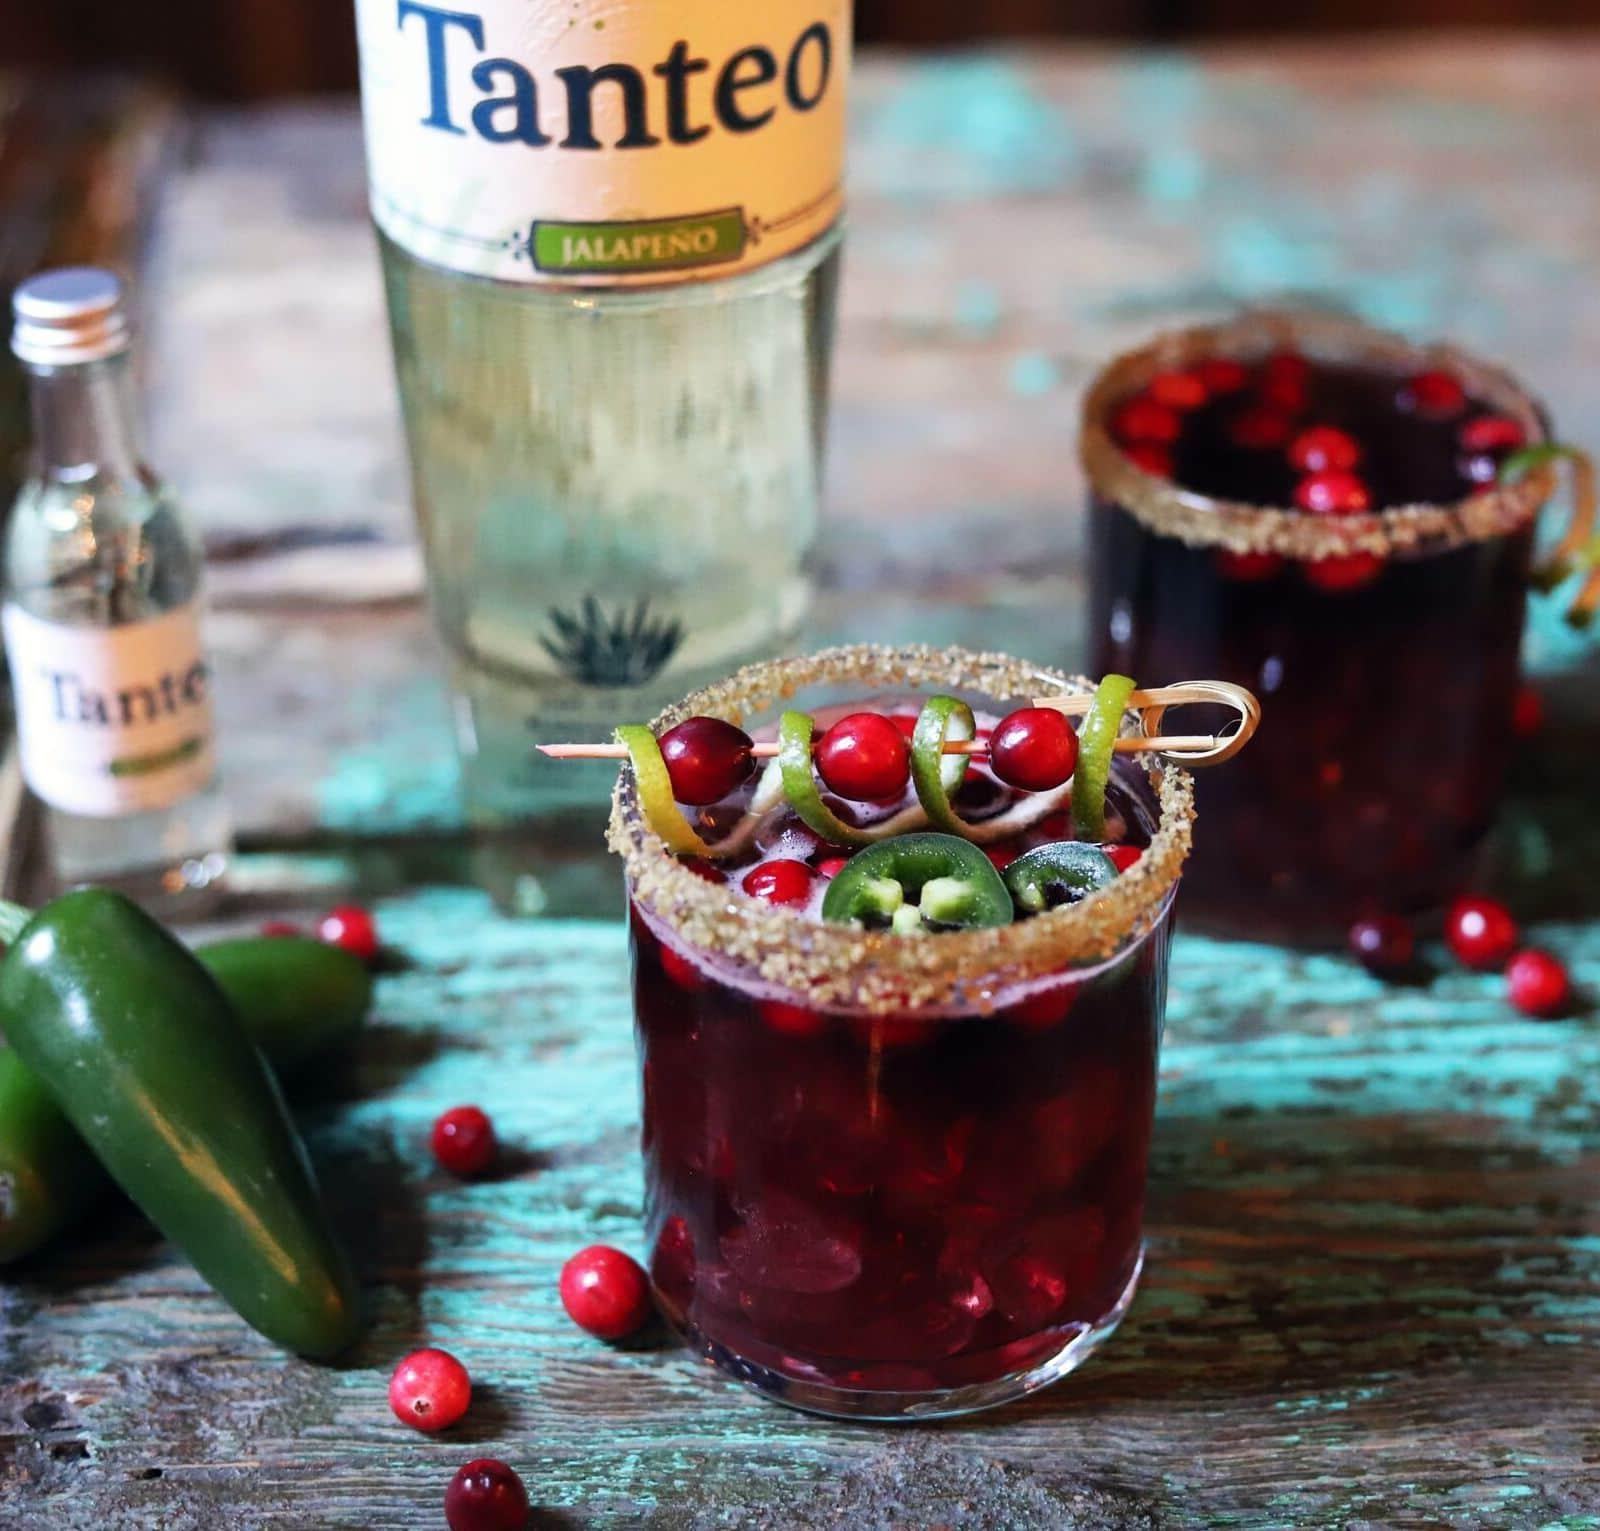 Tanteo Jalapeño Cranberry Margarita